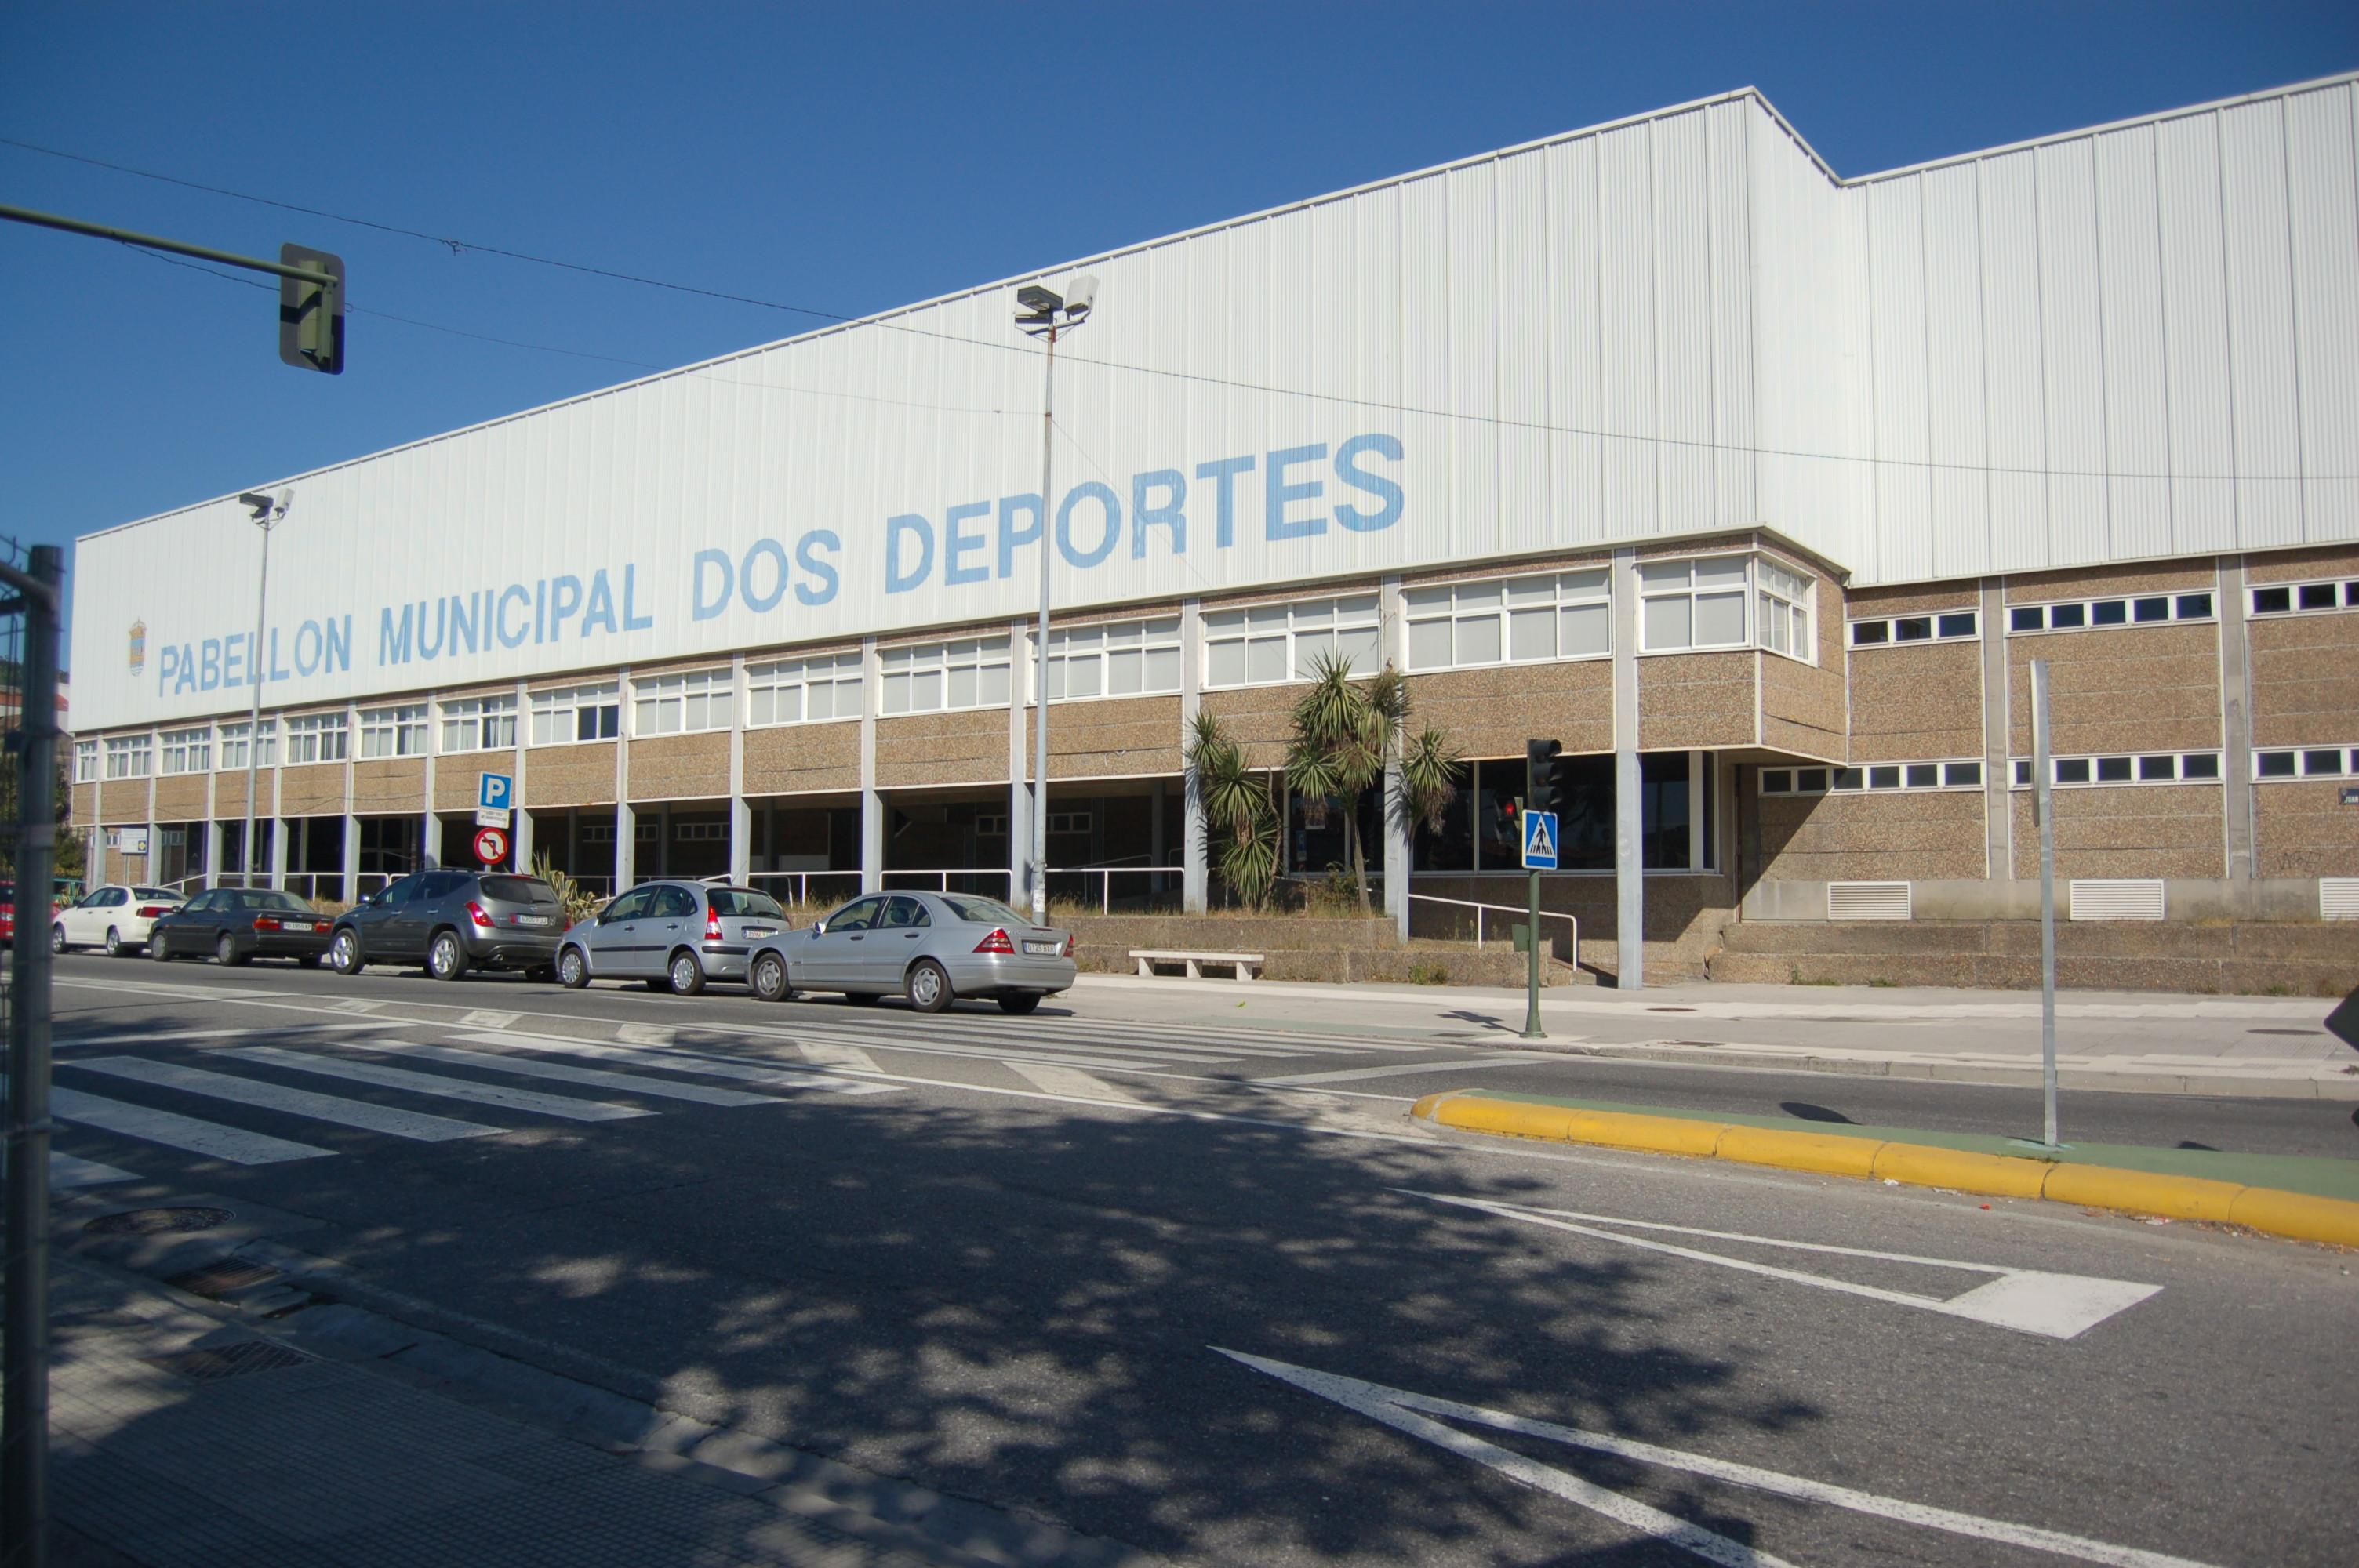 Alejandro de la sota metodolog a de la ingenier a de edificaci n - Pabellon de deportes madrid ...